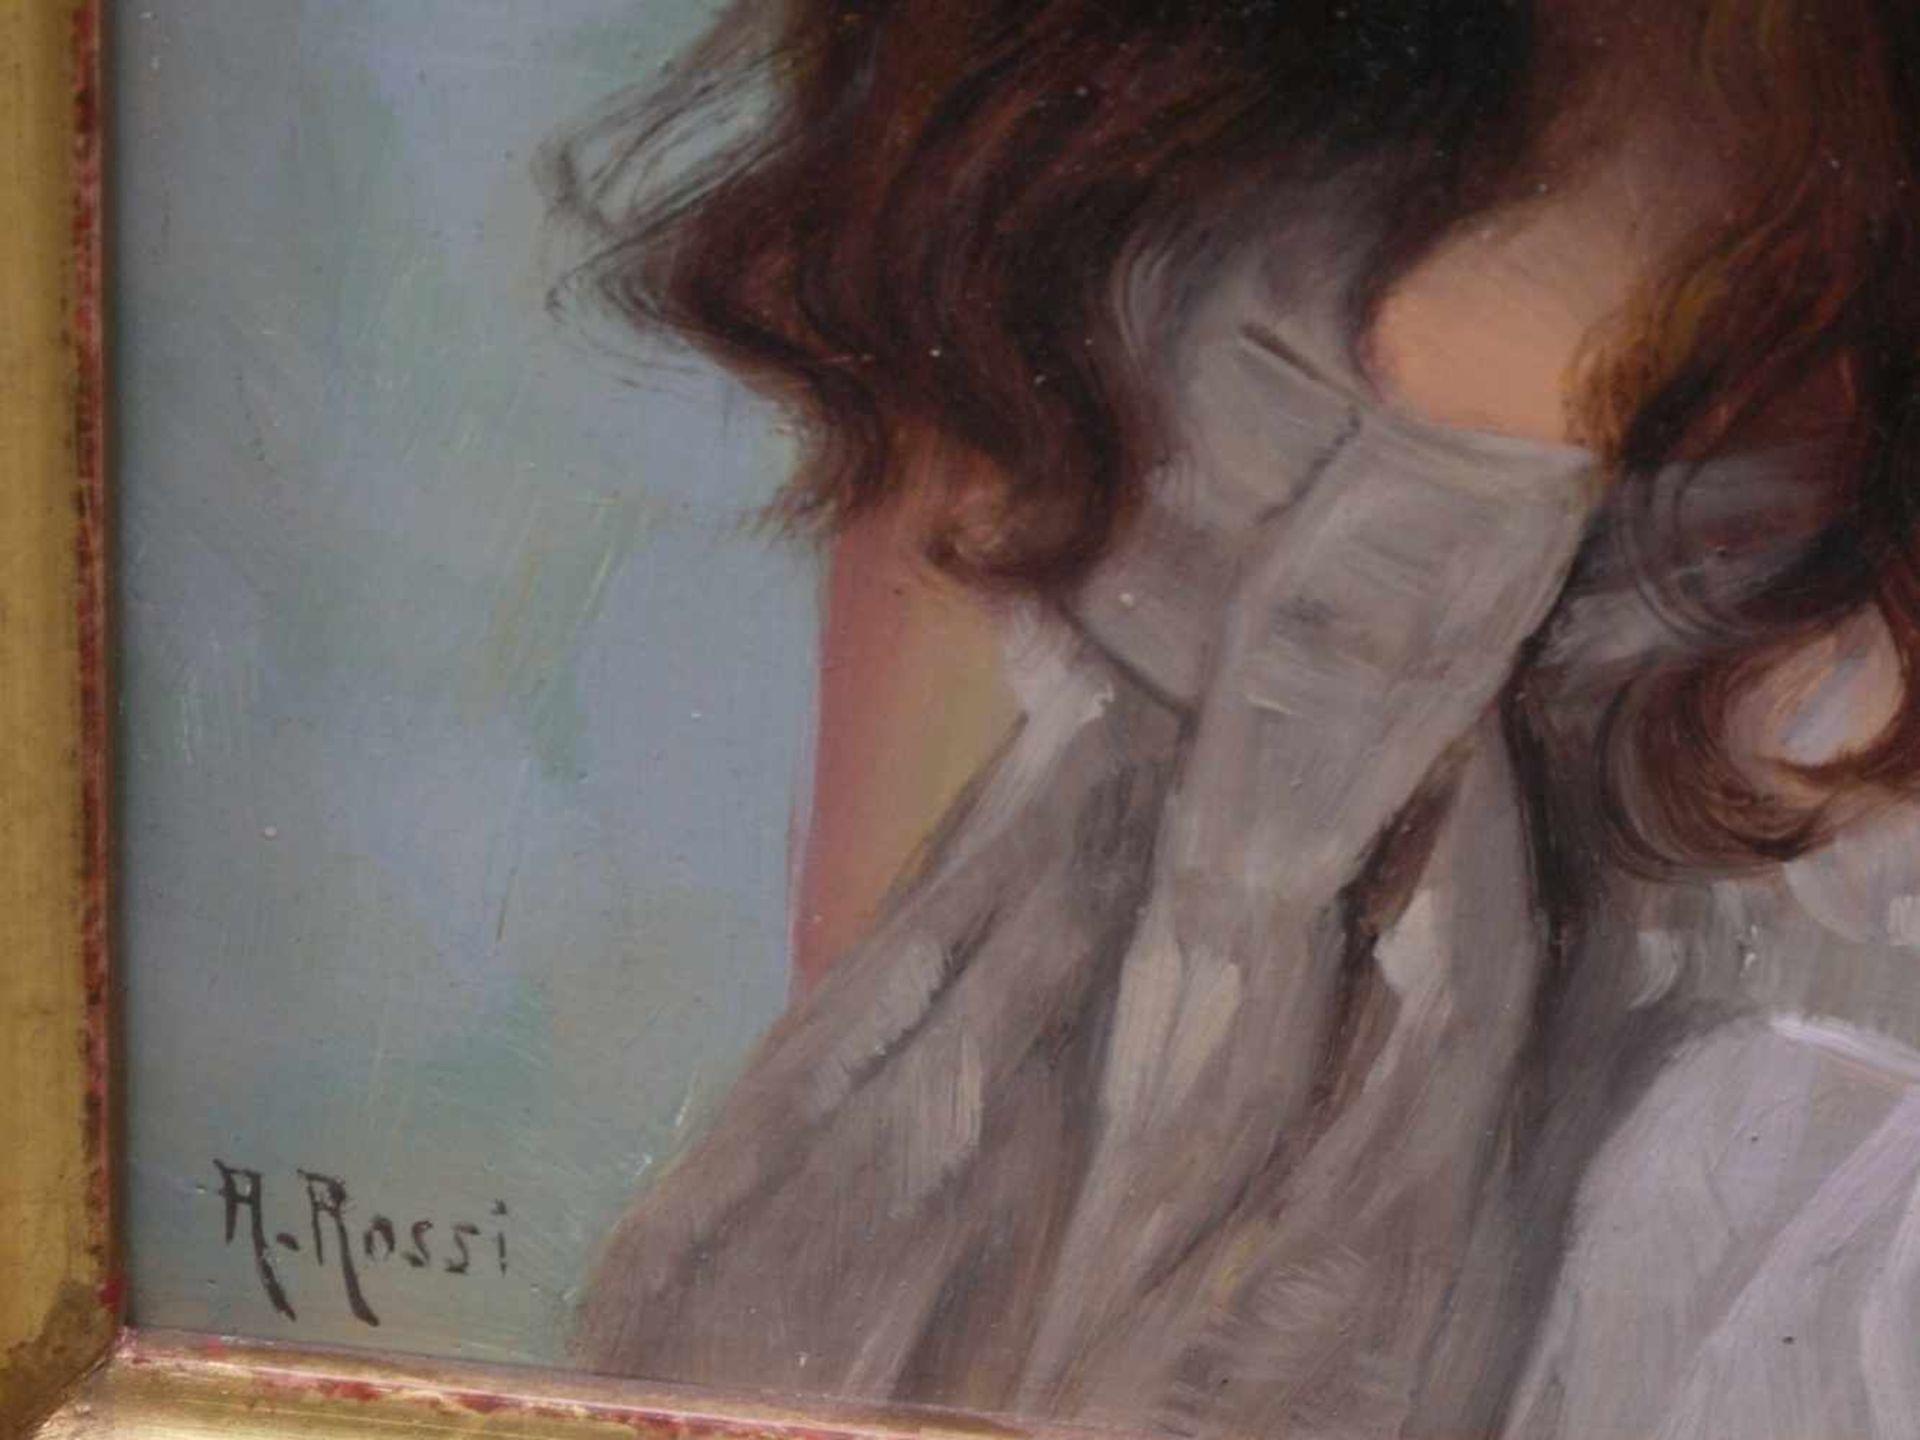 Rossi, Alberto (1858-1936) - Portrait enes jungen MädchensFein und detailreich ausgeführtes - Bild 3 aus 6